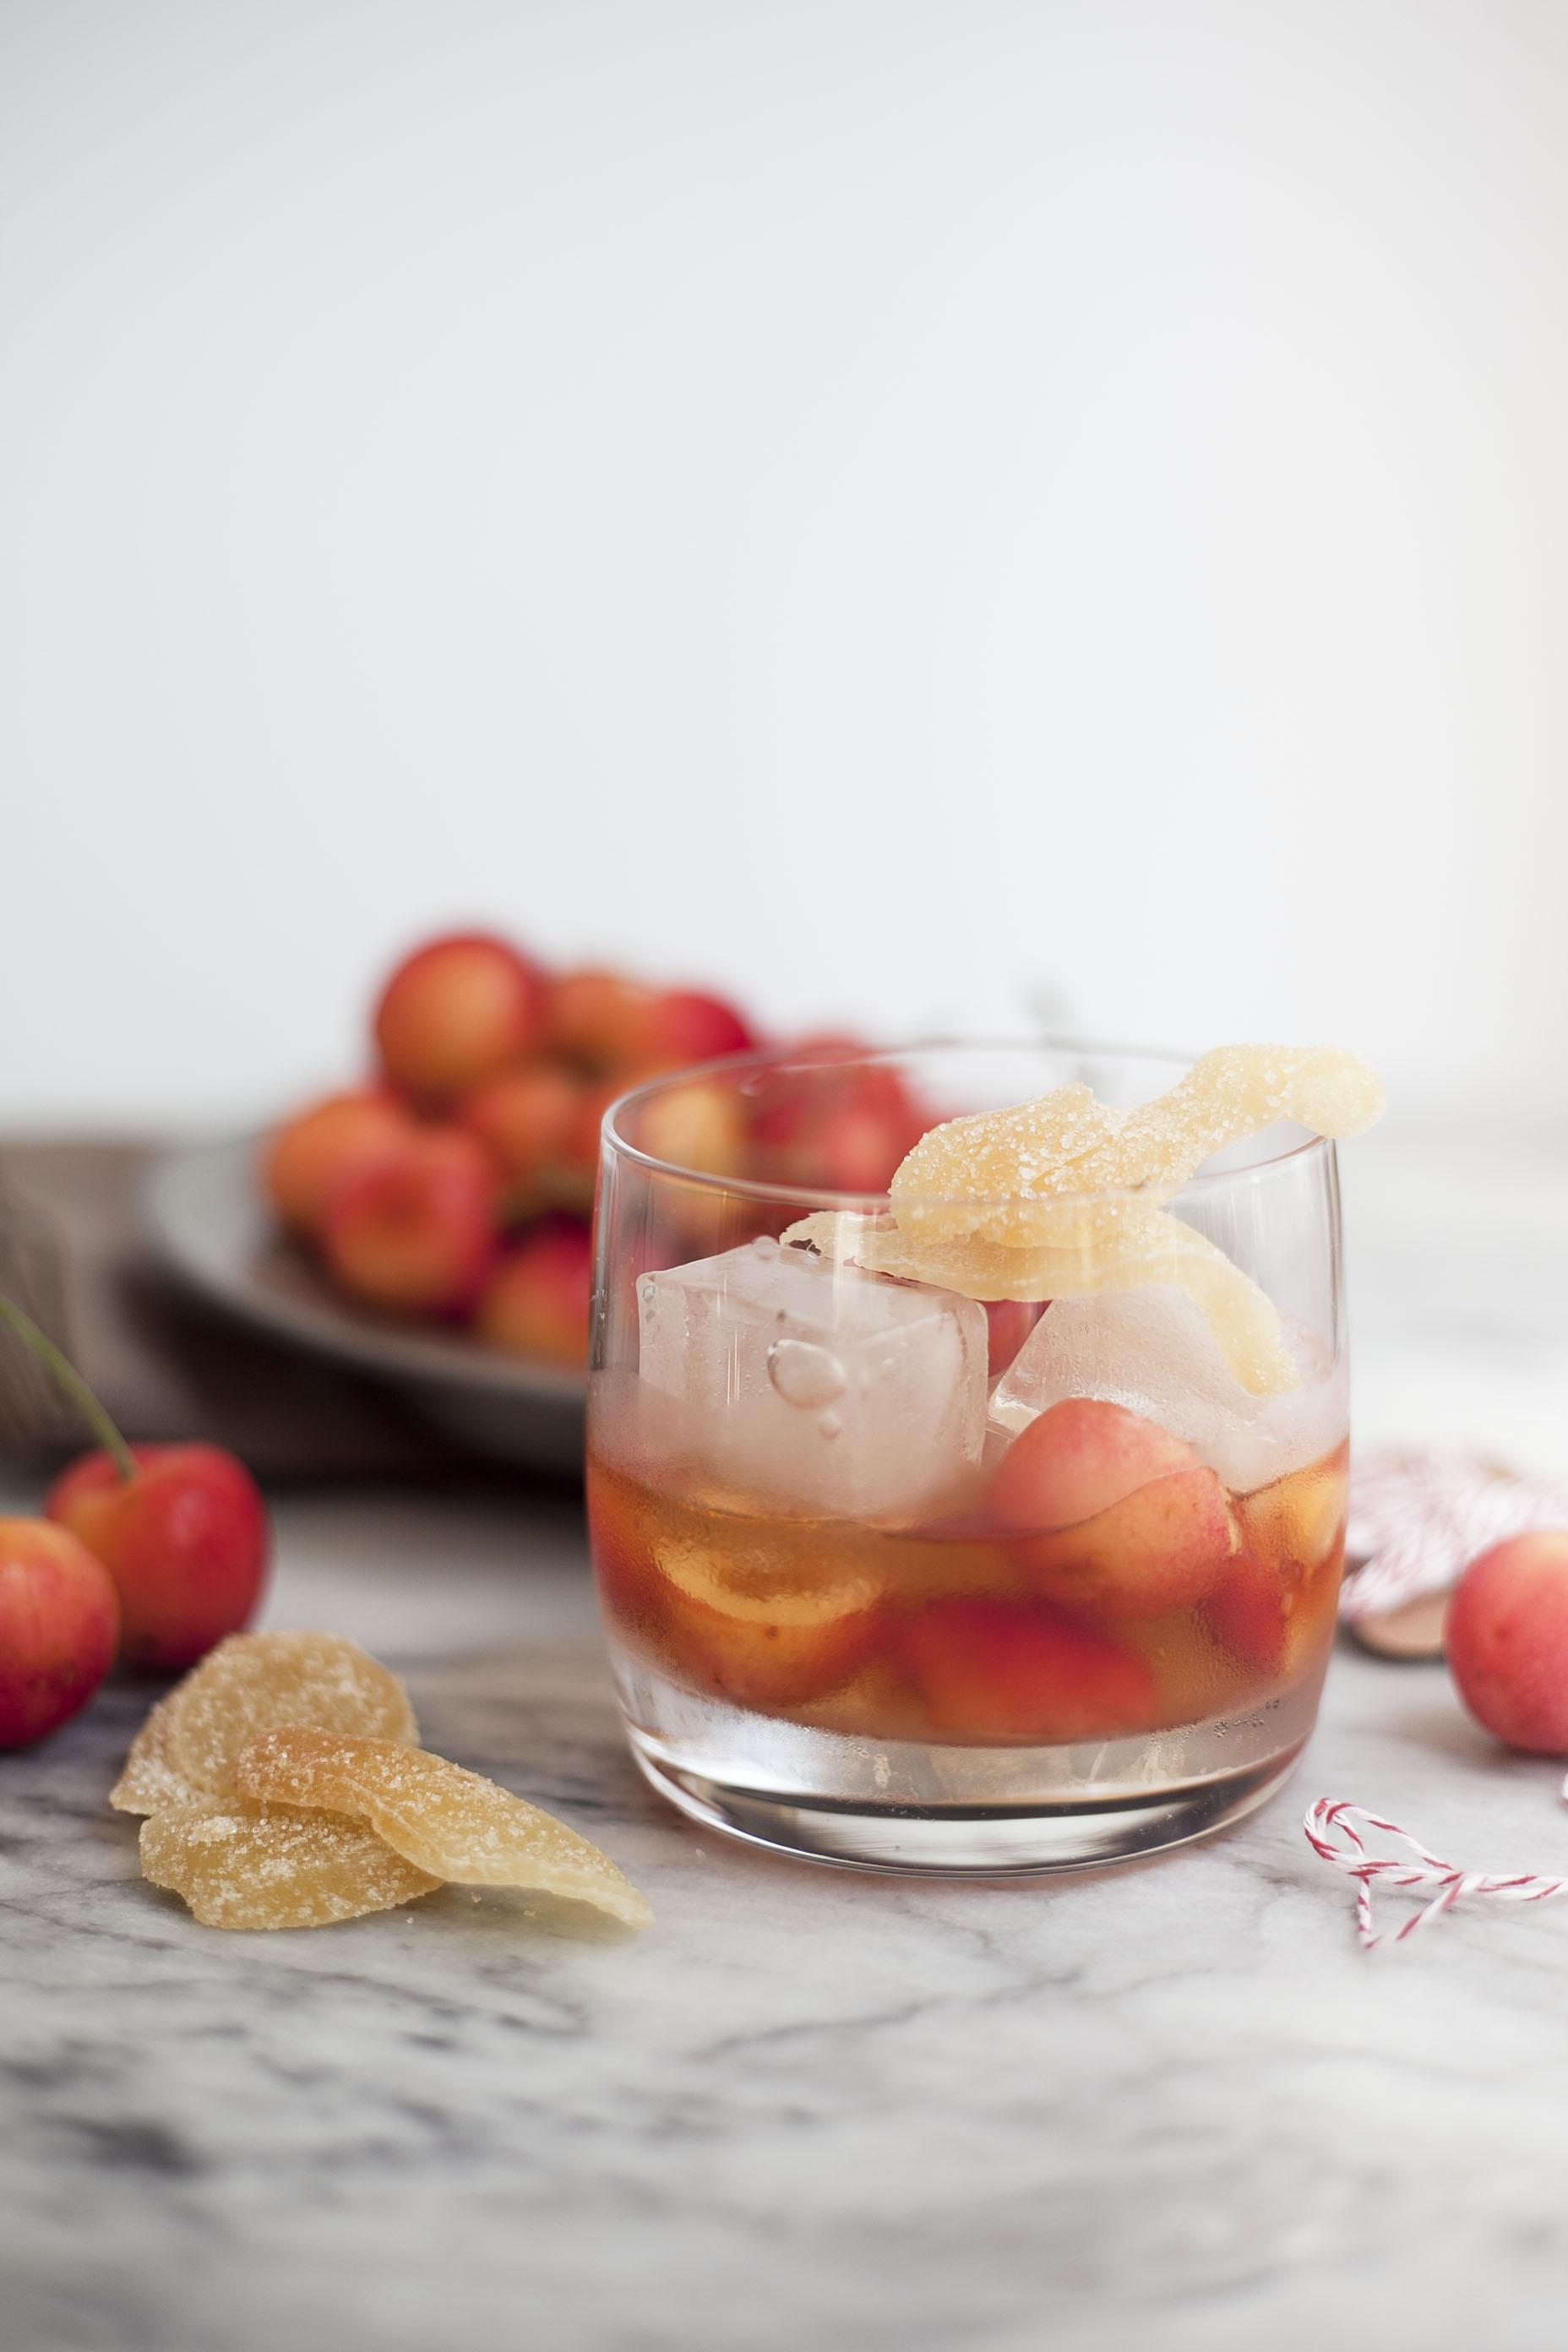 Healthier Cocktails: Bourbon Rainier Cherry Muddle